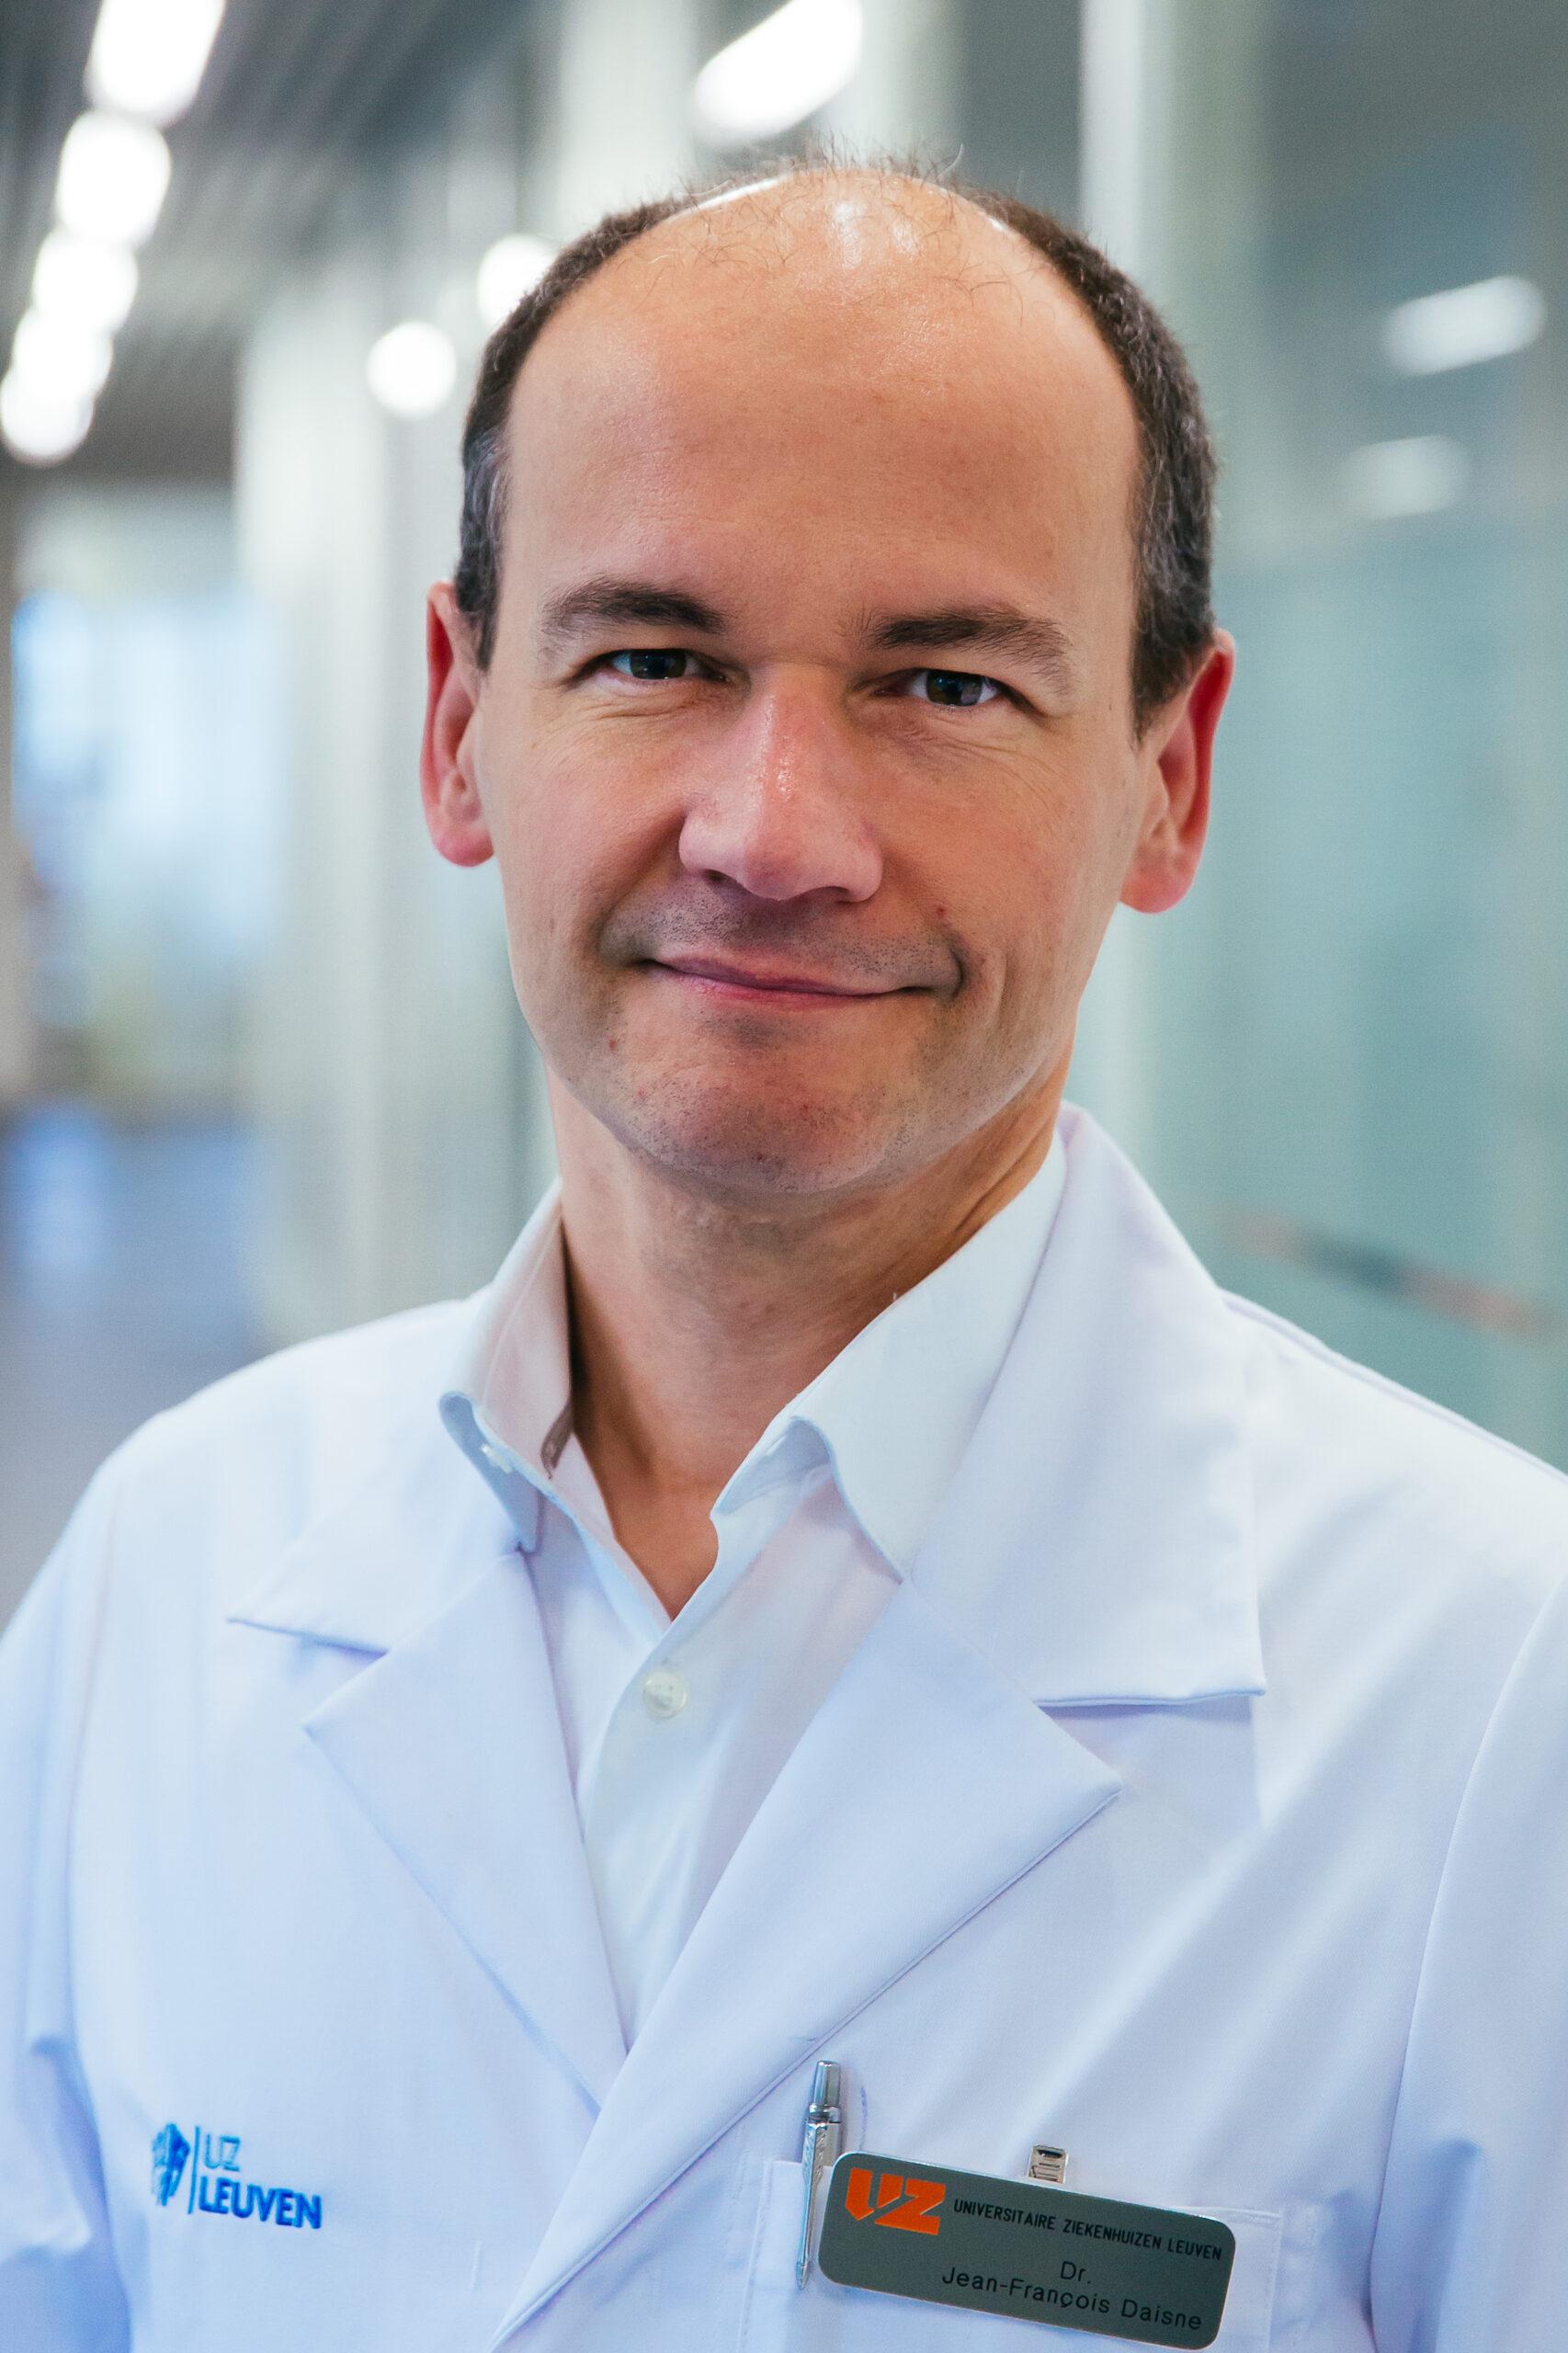 dr. Jean-François Daisne diensthoofd radiotherapie-oncologie in UZ Leuven © UZ Leuven